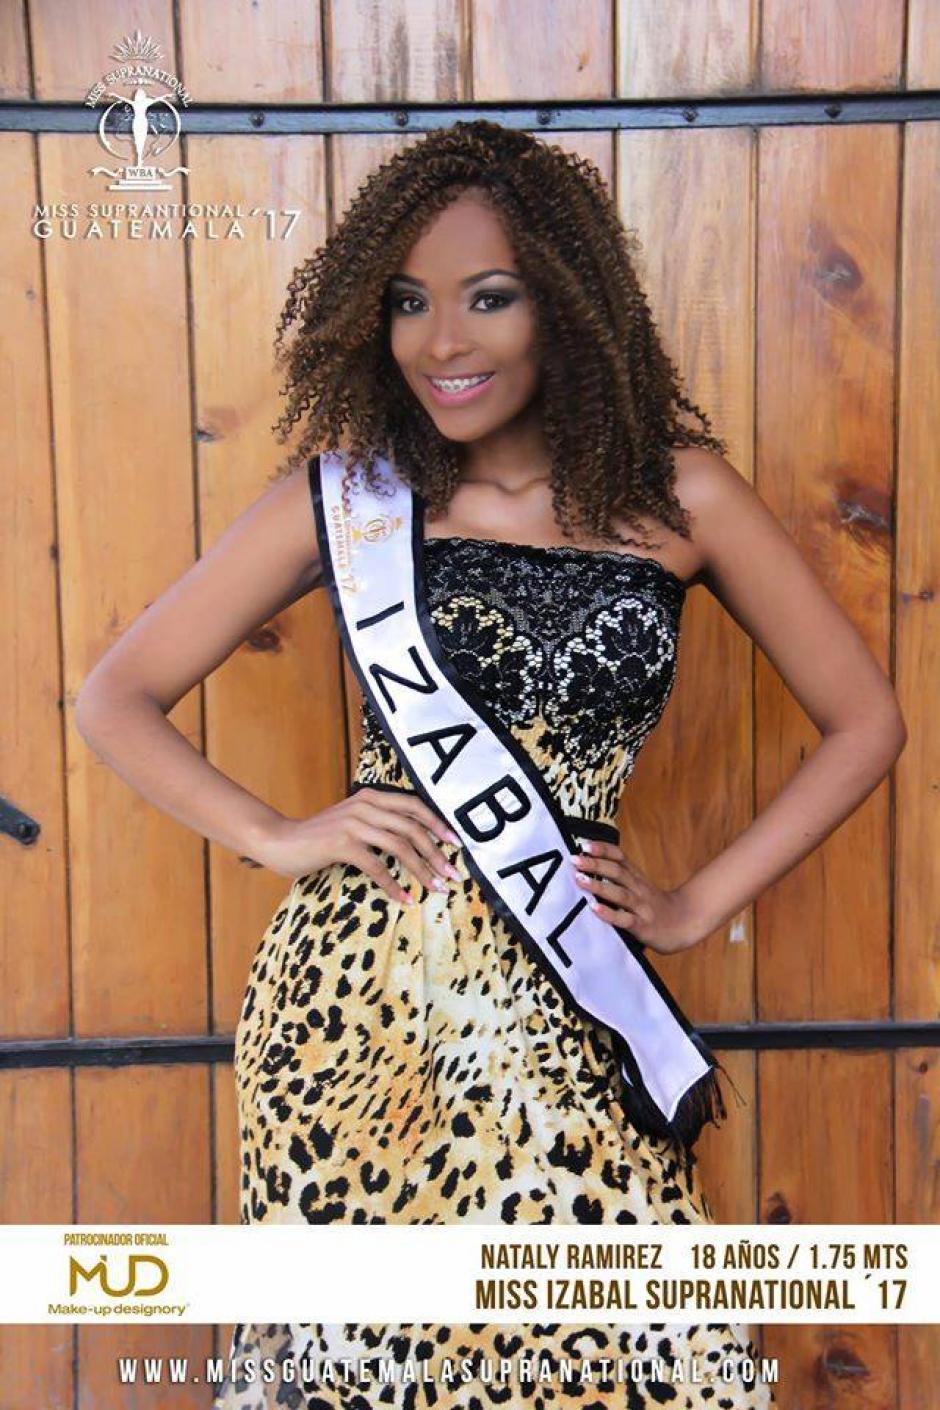 Nataly Ramírez representó a Izabal en el Miss Guatemala Supranational. (Foto: Miss Guatemala Supranational)